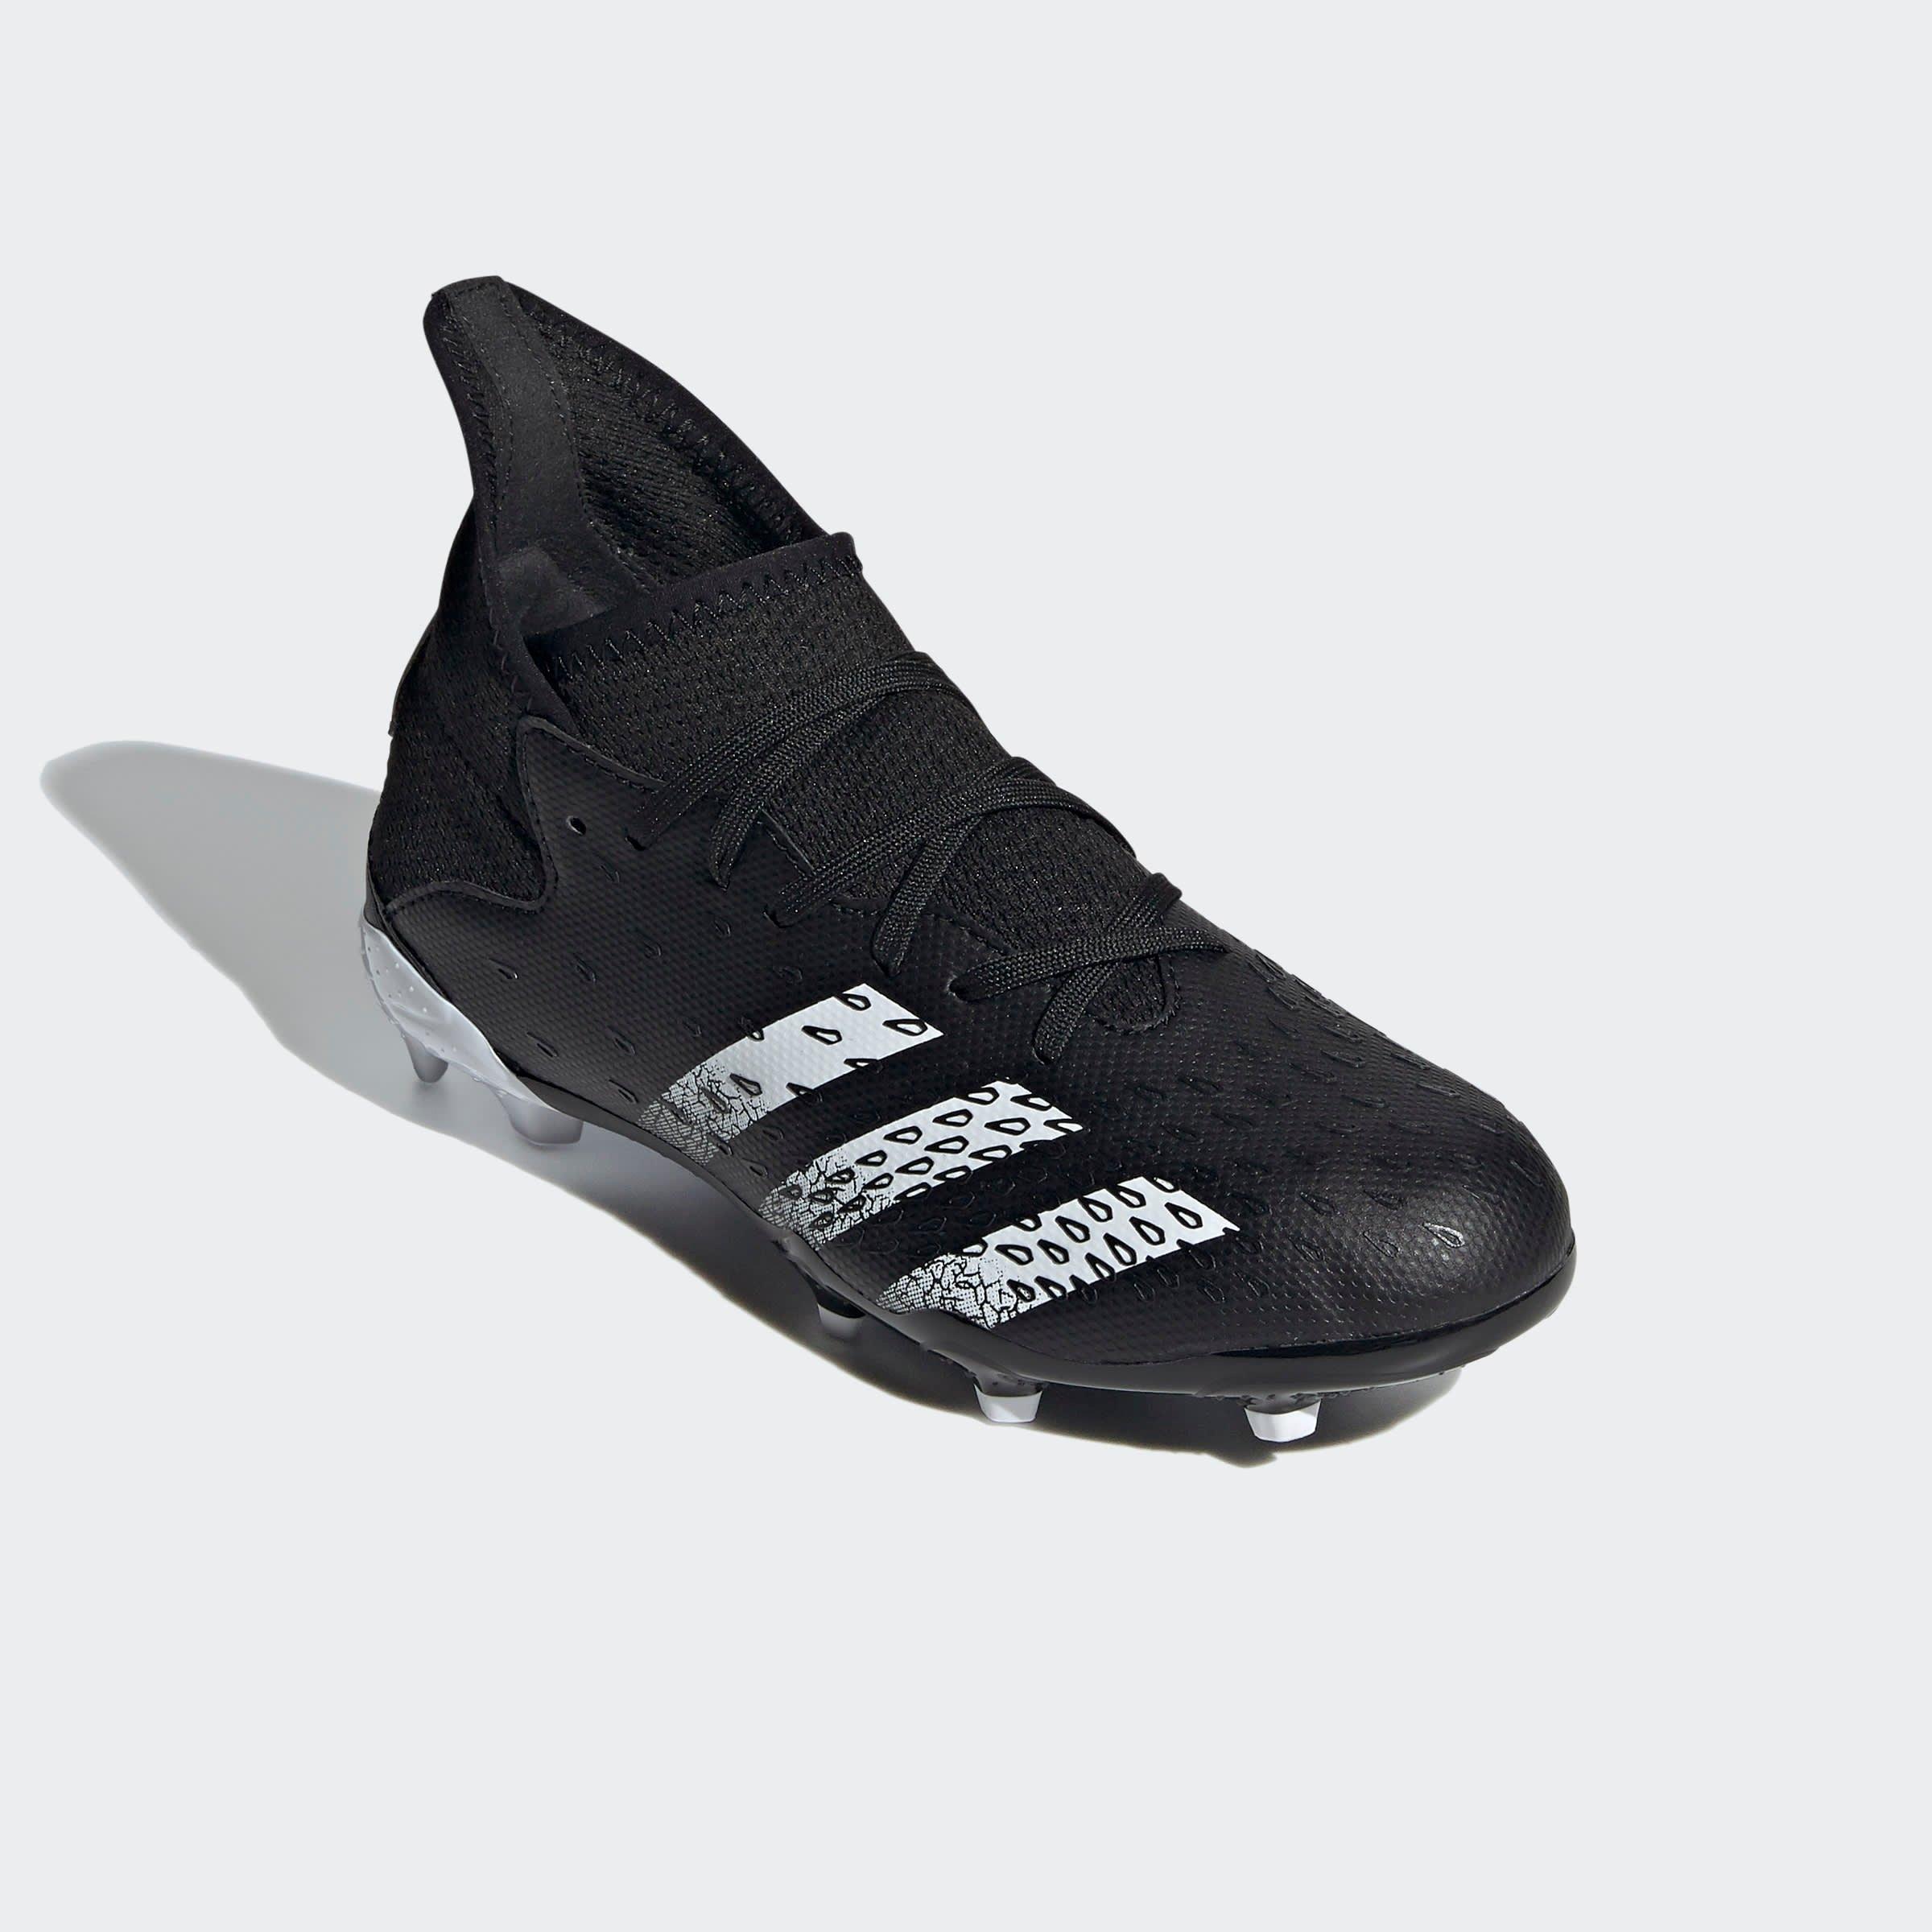 adidas Performance voetbalschoenen PREDATOR FREAK.3 FG goedkoop op otto.nl kopen